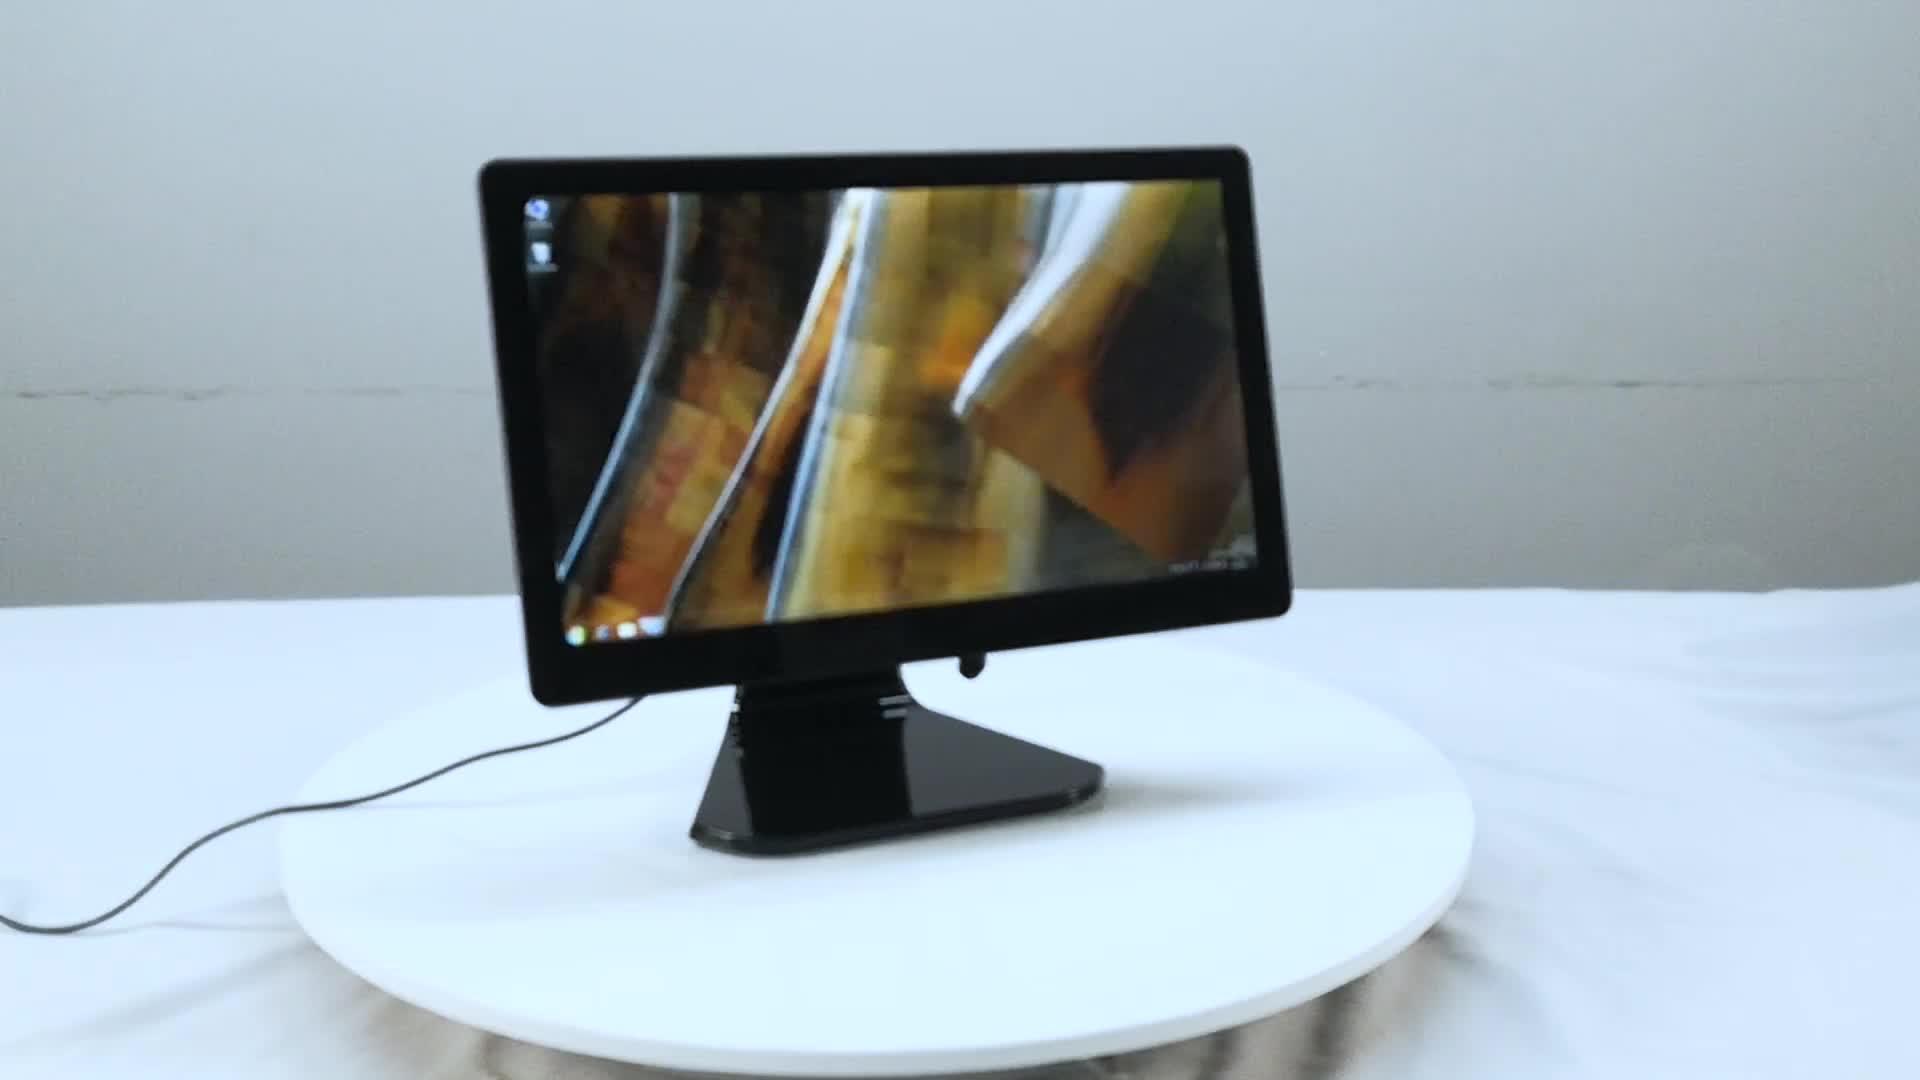 Windows デスクトップ pos 機 15.6 インチデュアルスクリーンタッチ pos 端末小売